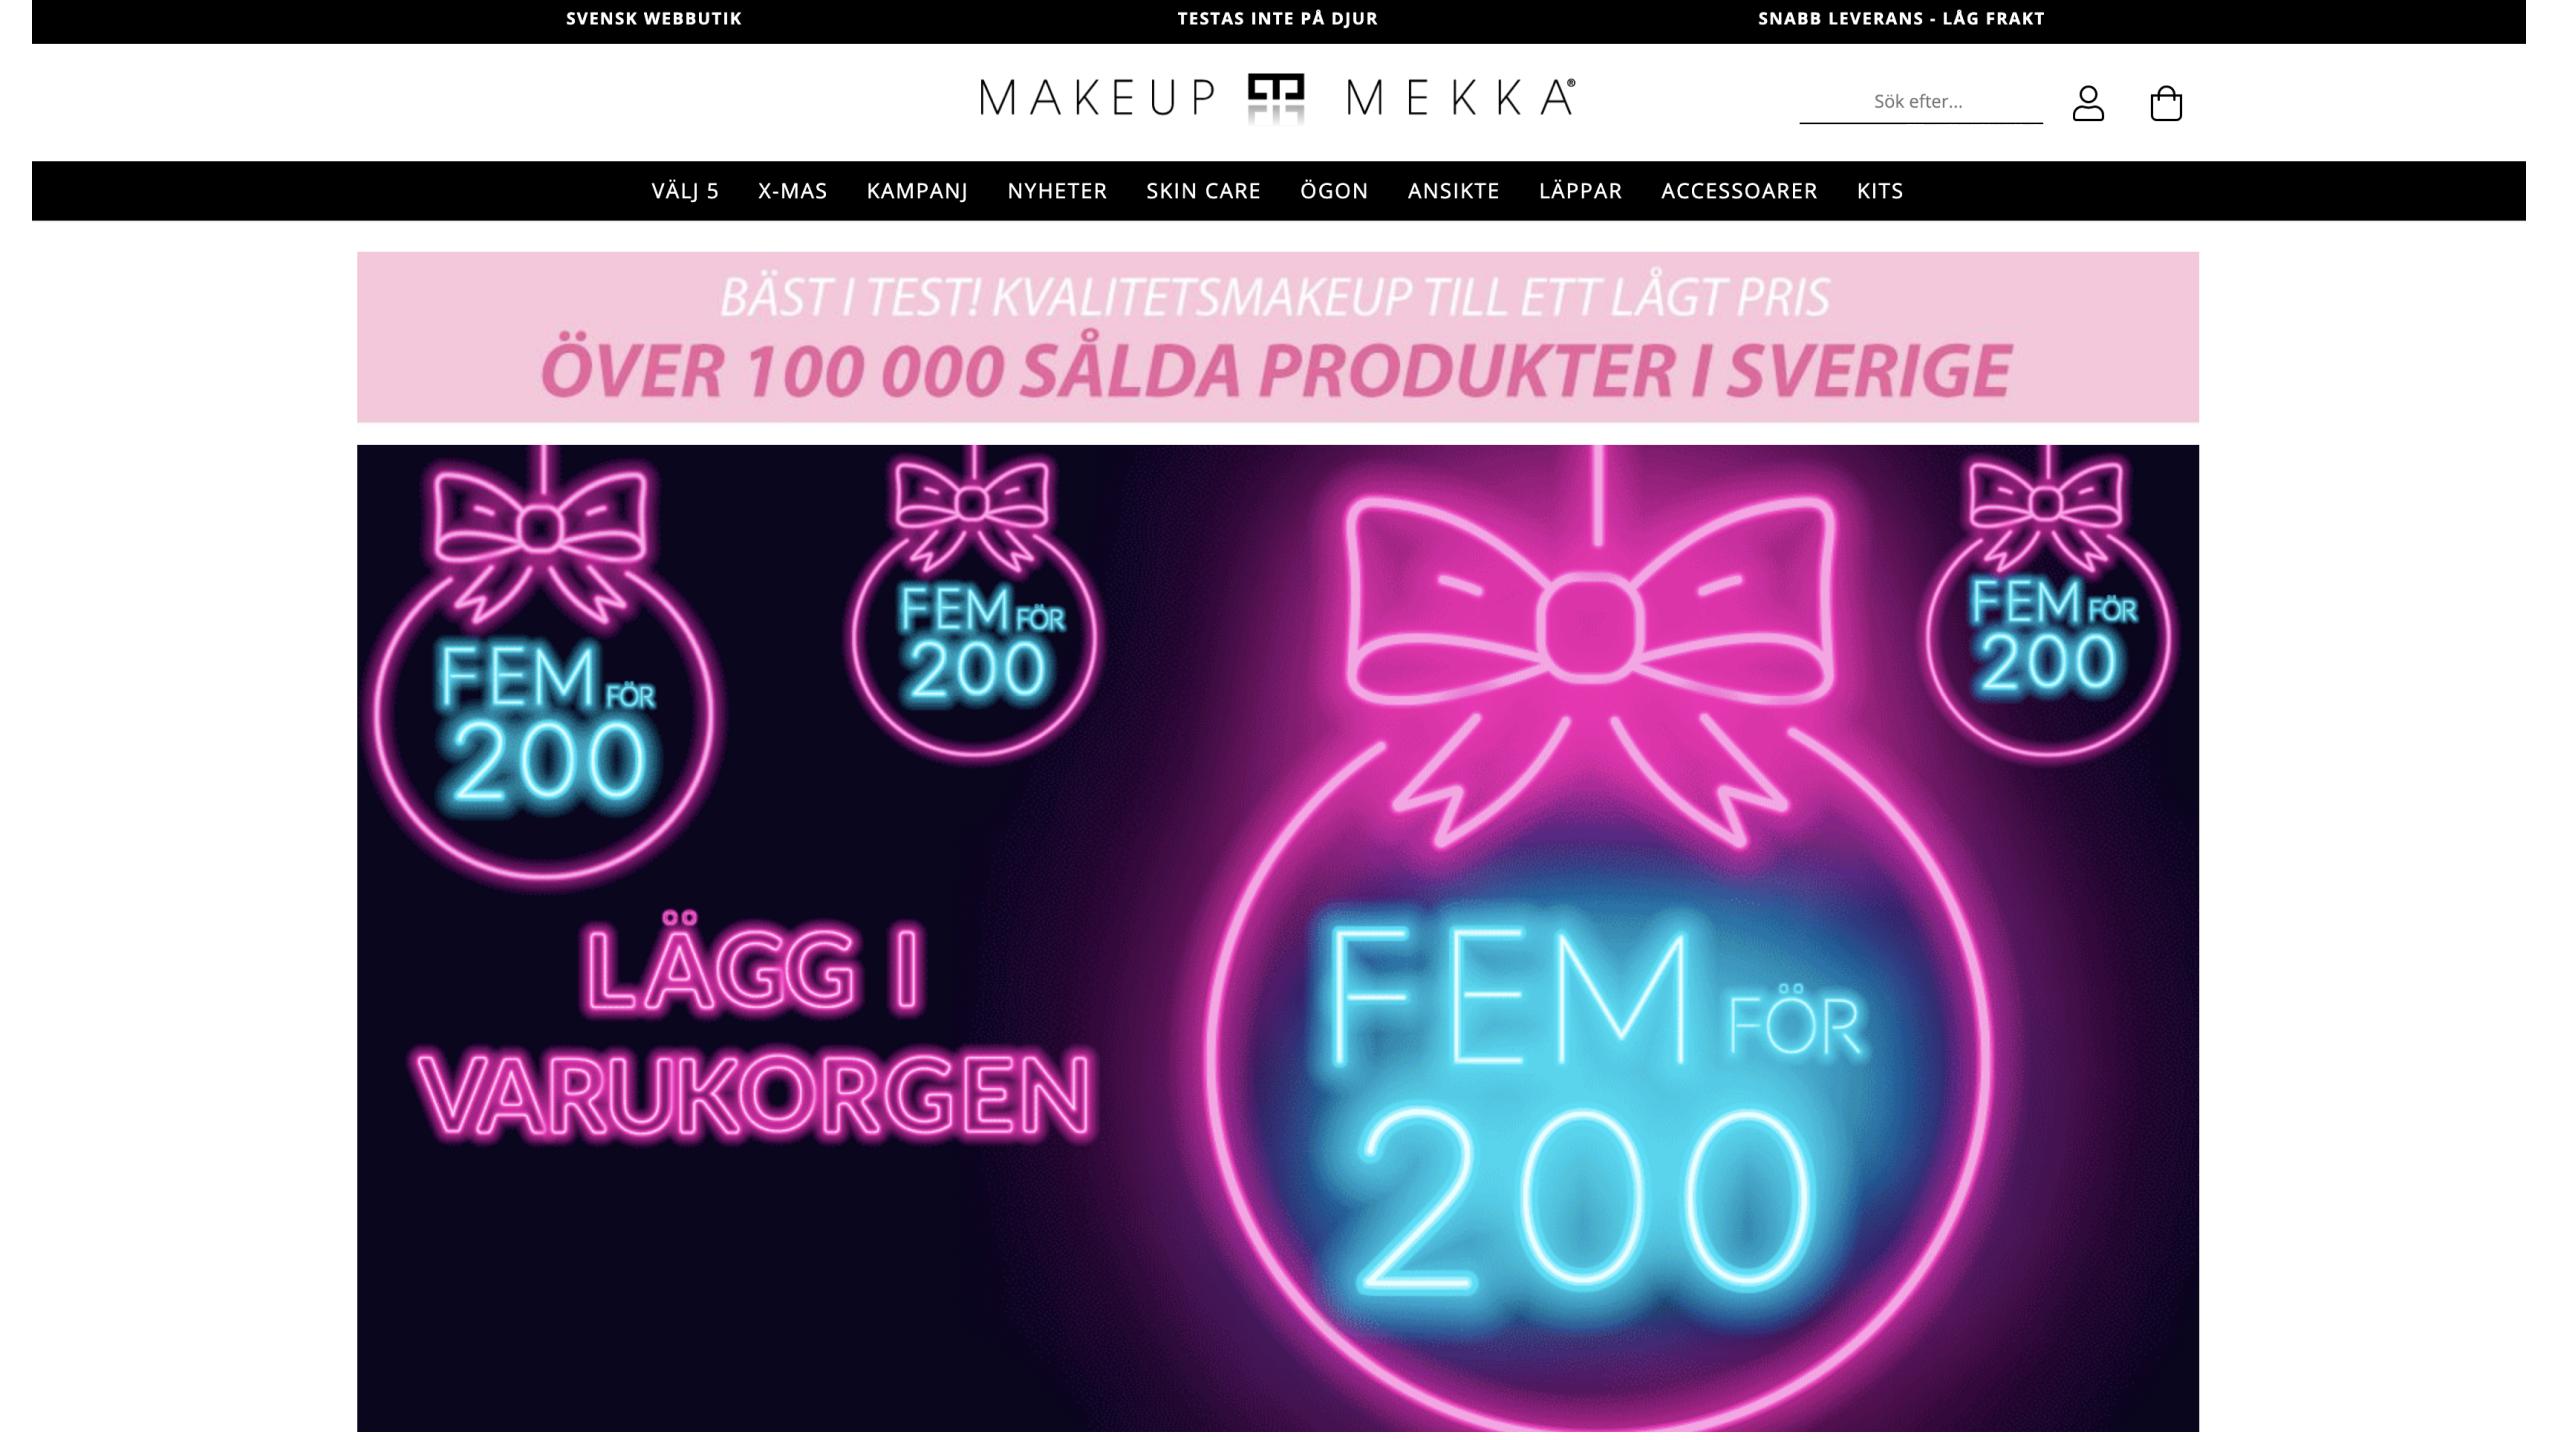 Makeup Mekka ja Berit Sjøvik